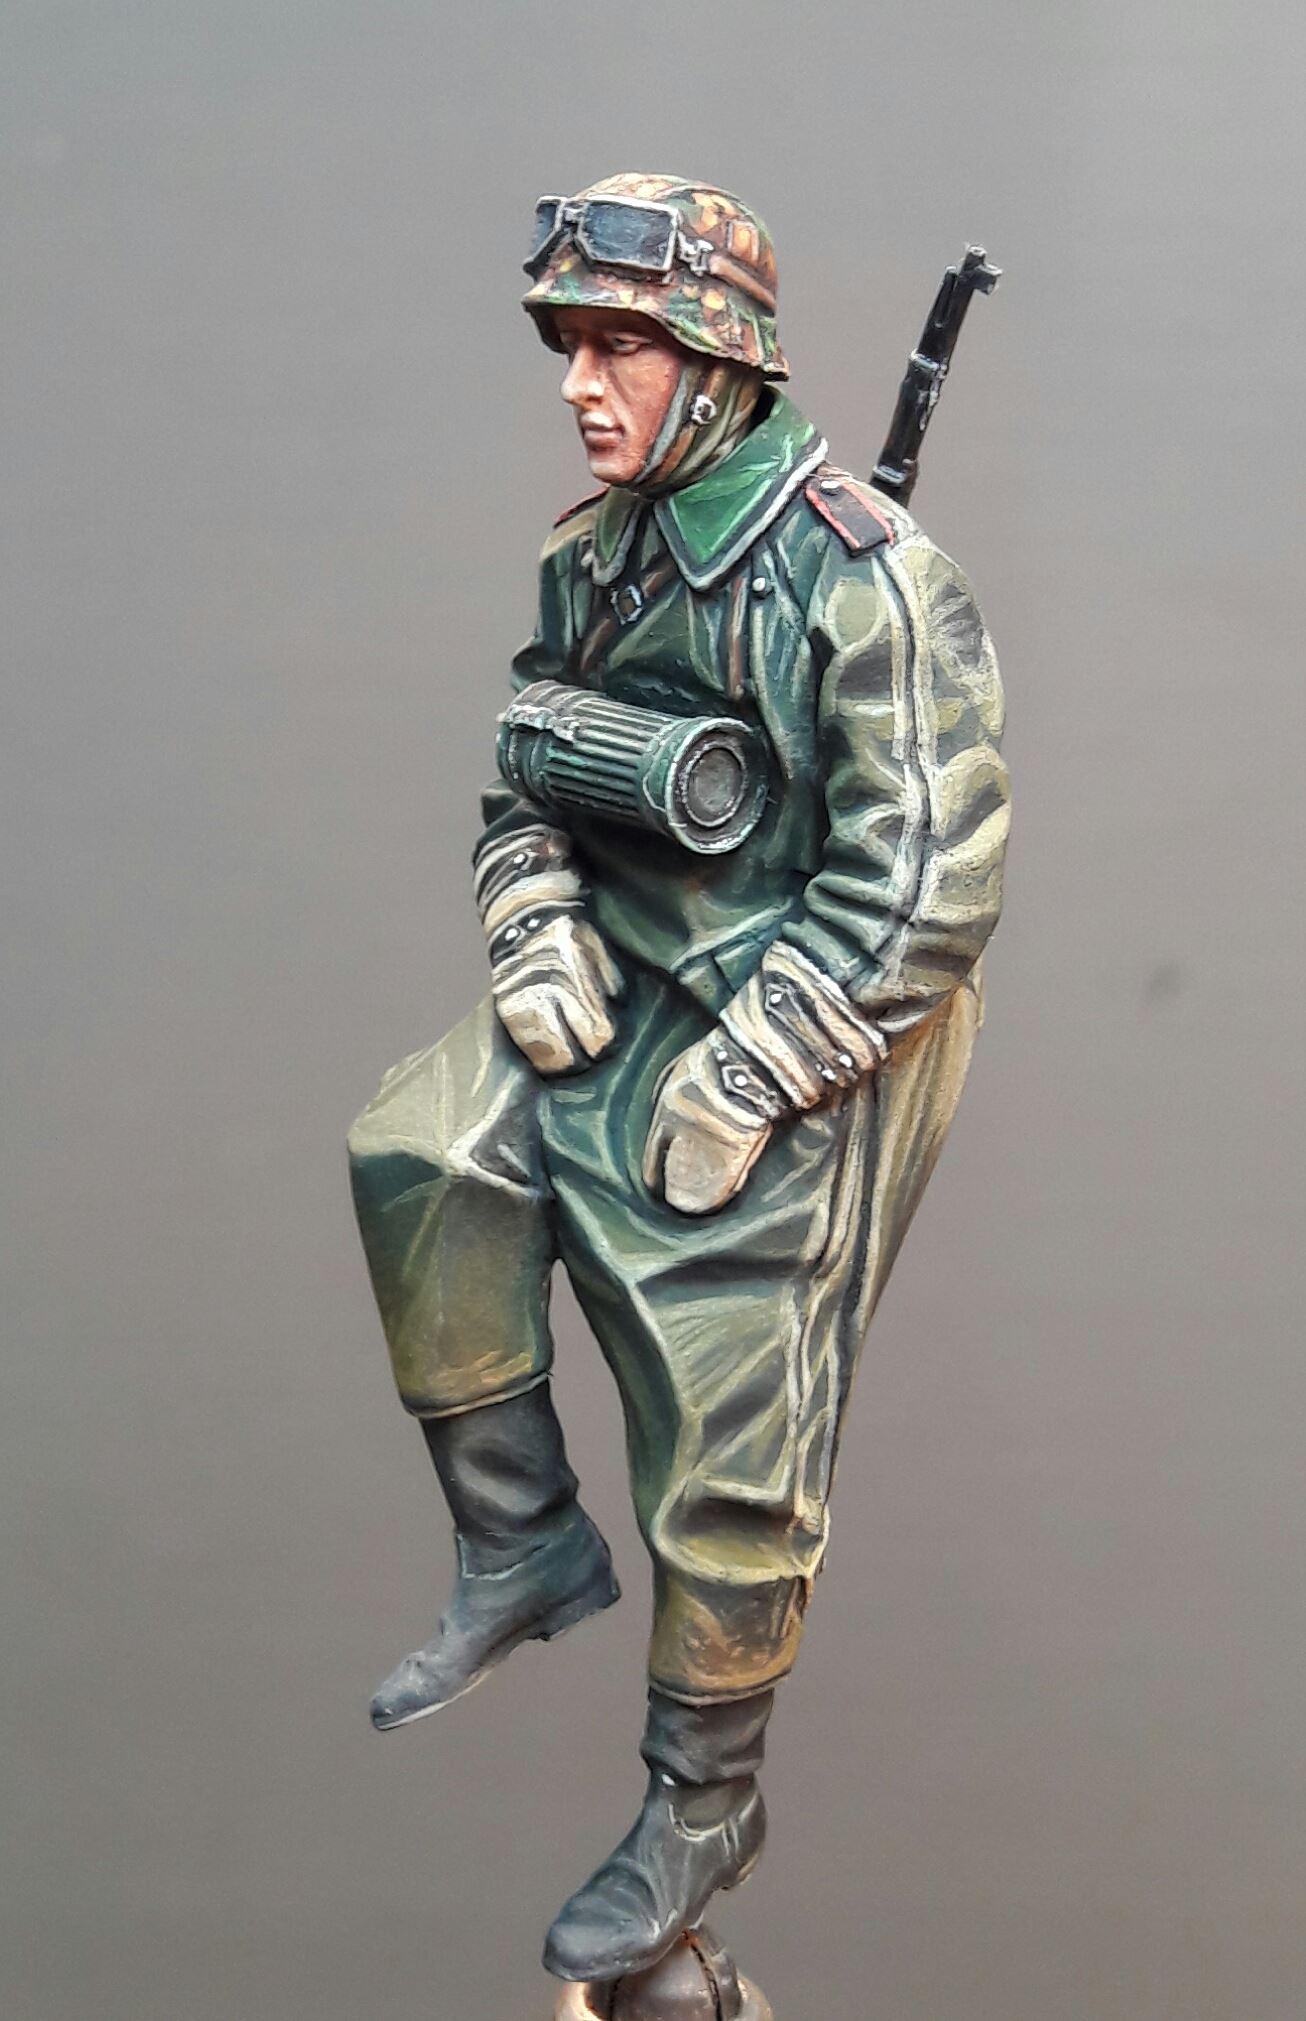 Zündapp KS750 - Sidecar - Great Wall Hobby + figurines Alpine - 1/35 39697219747986102116827703593211061144218o